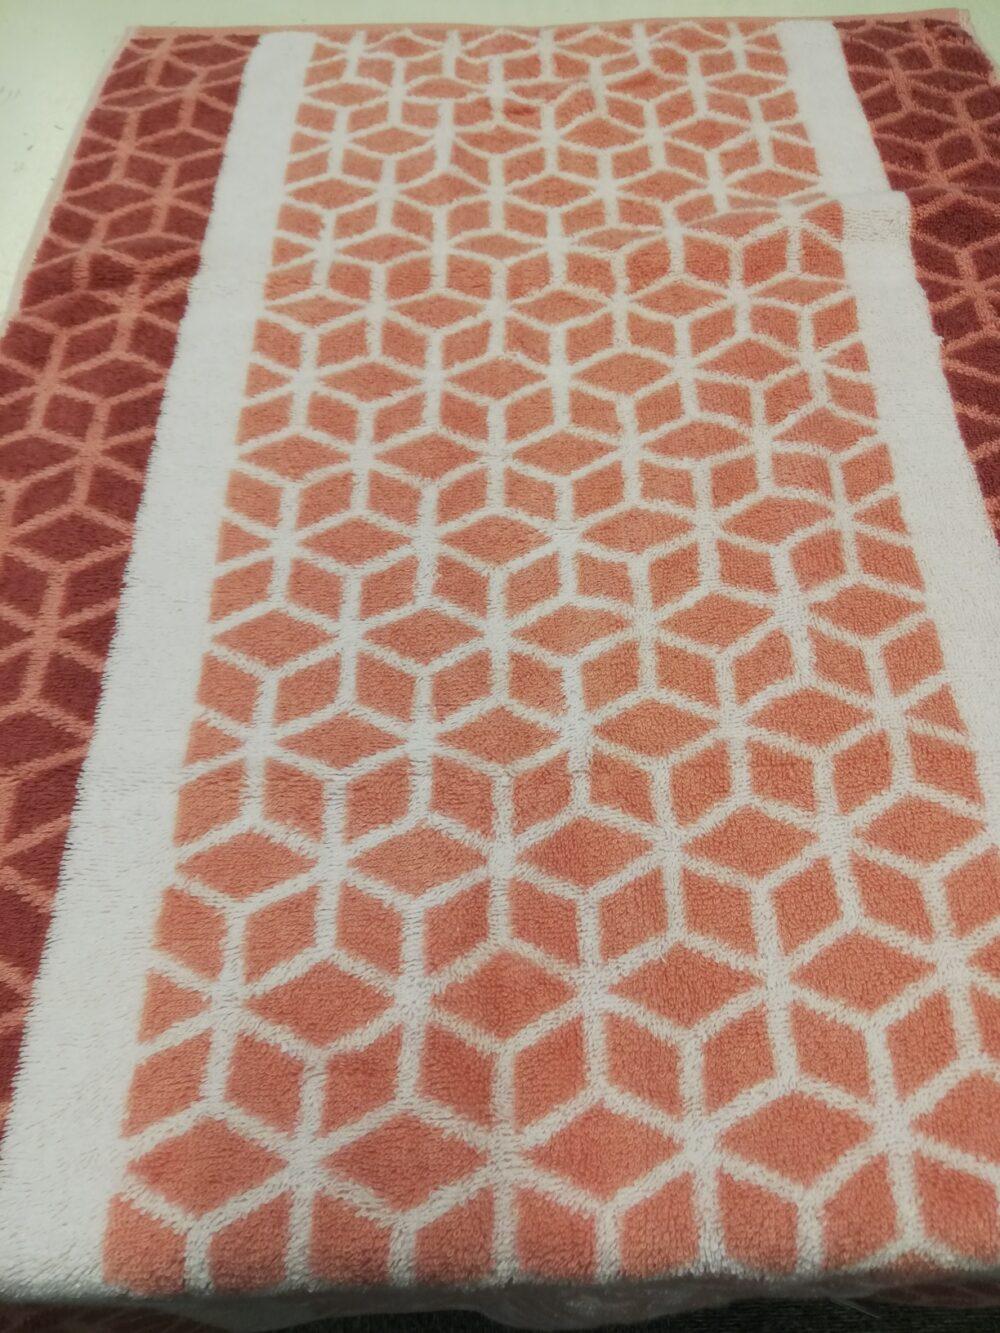 Cawö håndklæde rosa rude mønster